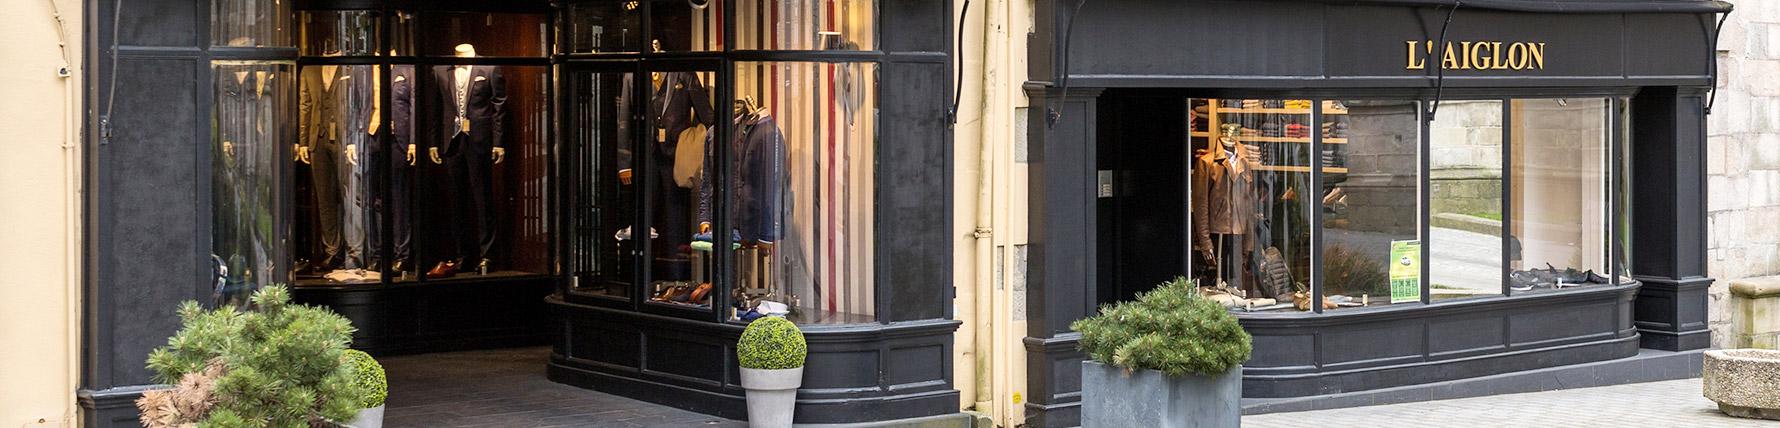 lowest discount presenting new products Quimper - L'Aiglon - Prêt-à-porter haut de gamme Homme et Femme